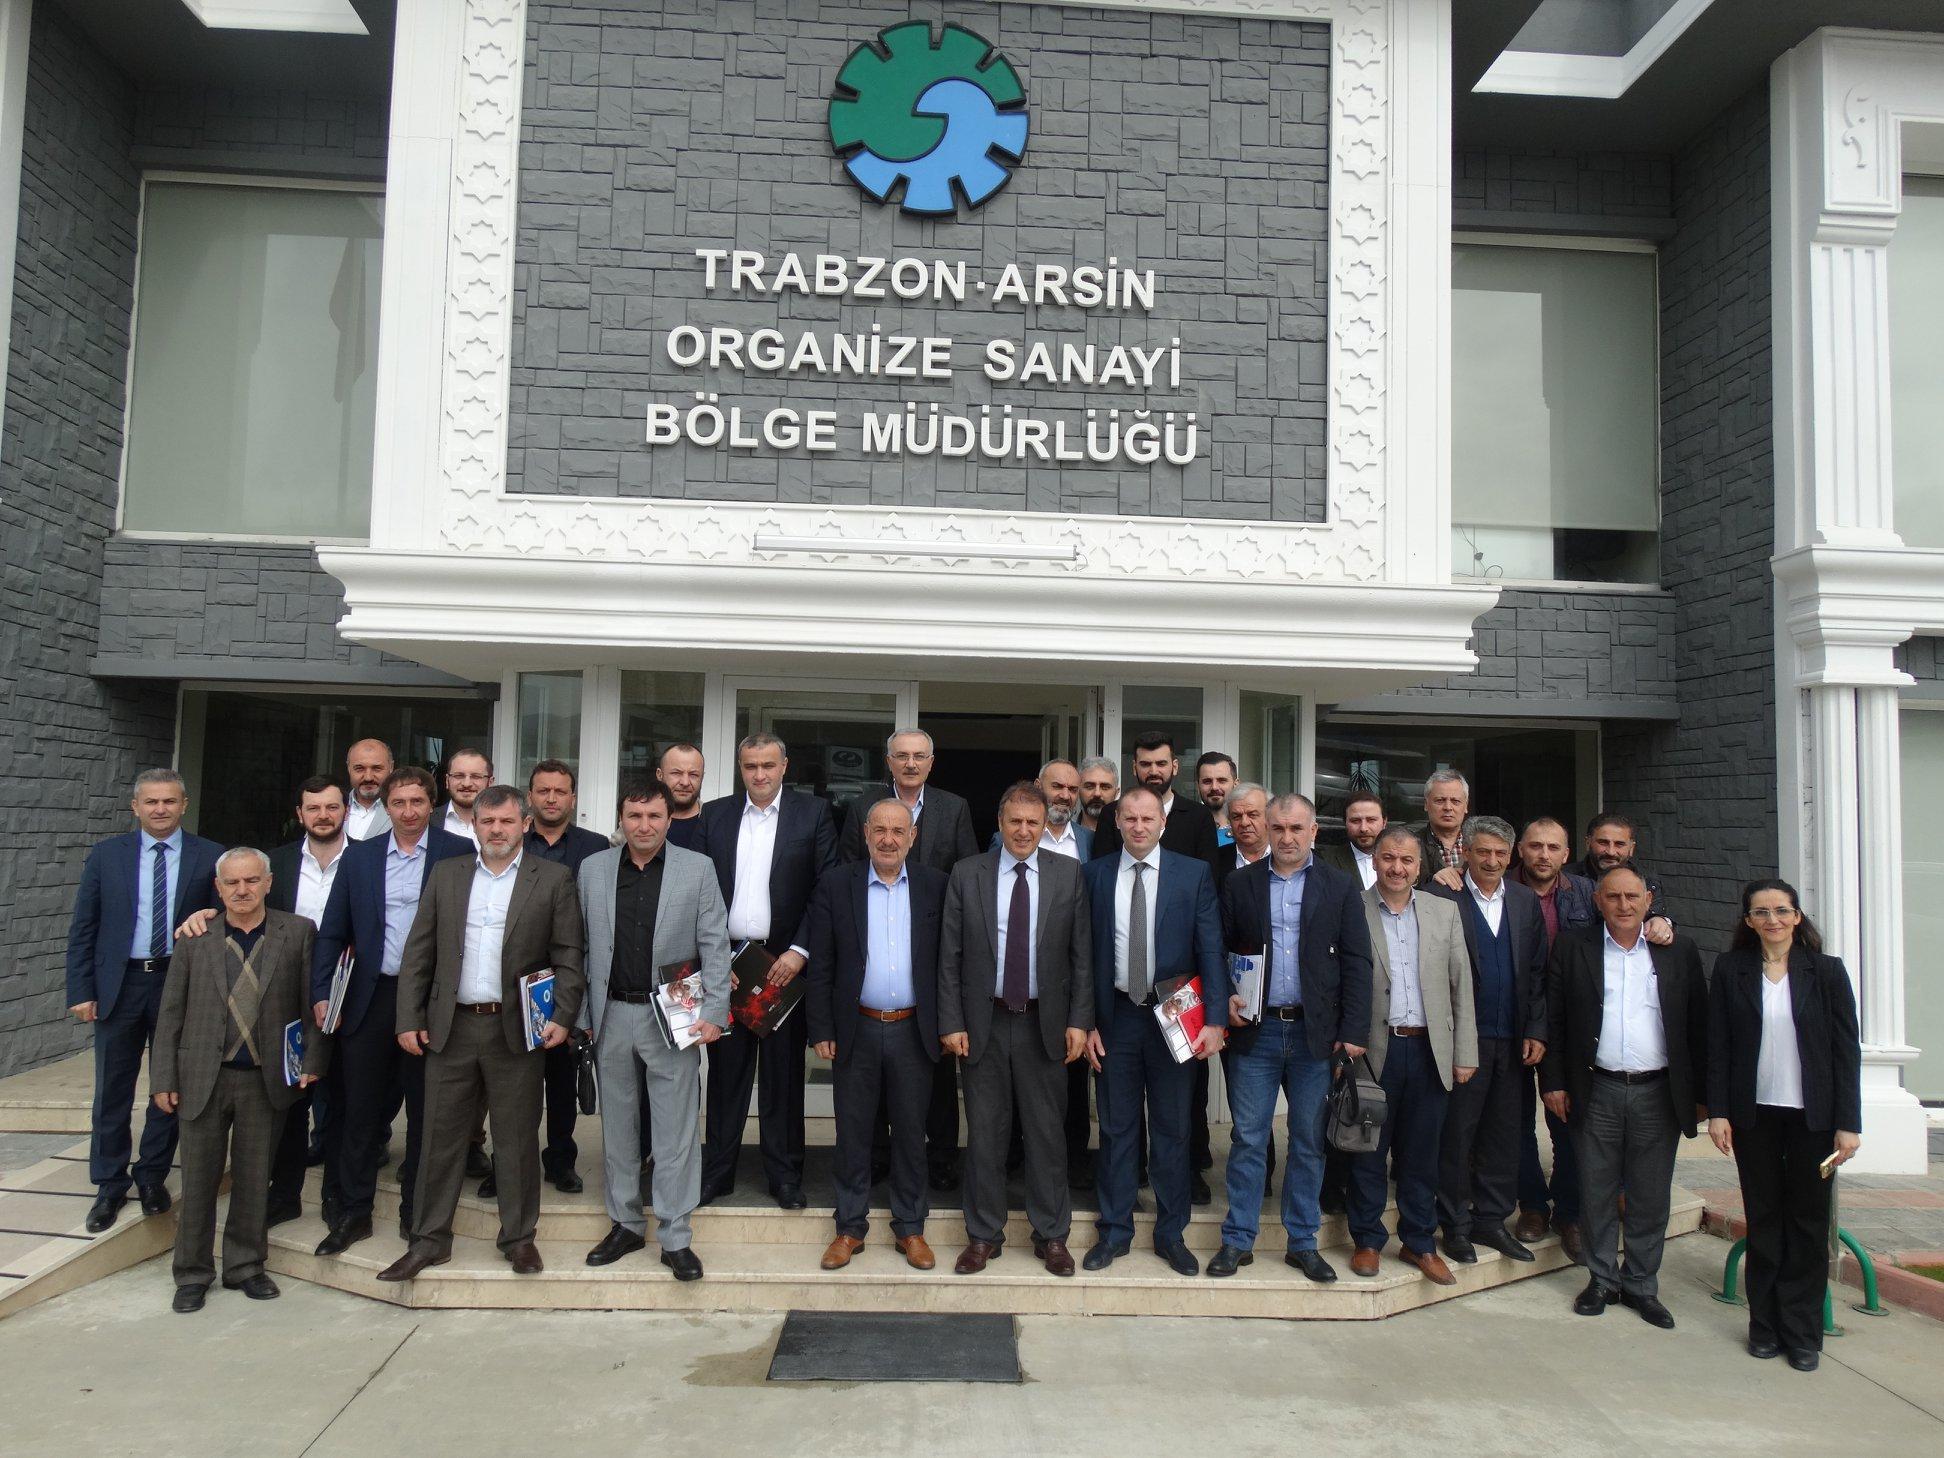 Karaçaylı İşadamları Birliği' nden Arsin OSB' ye Ziyaret